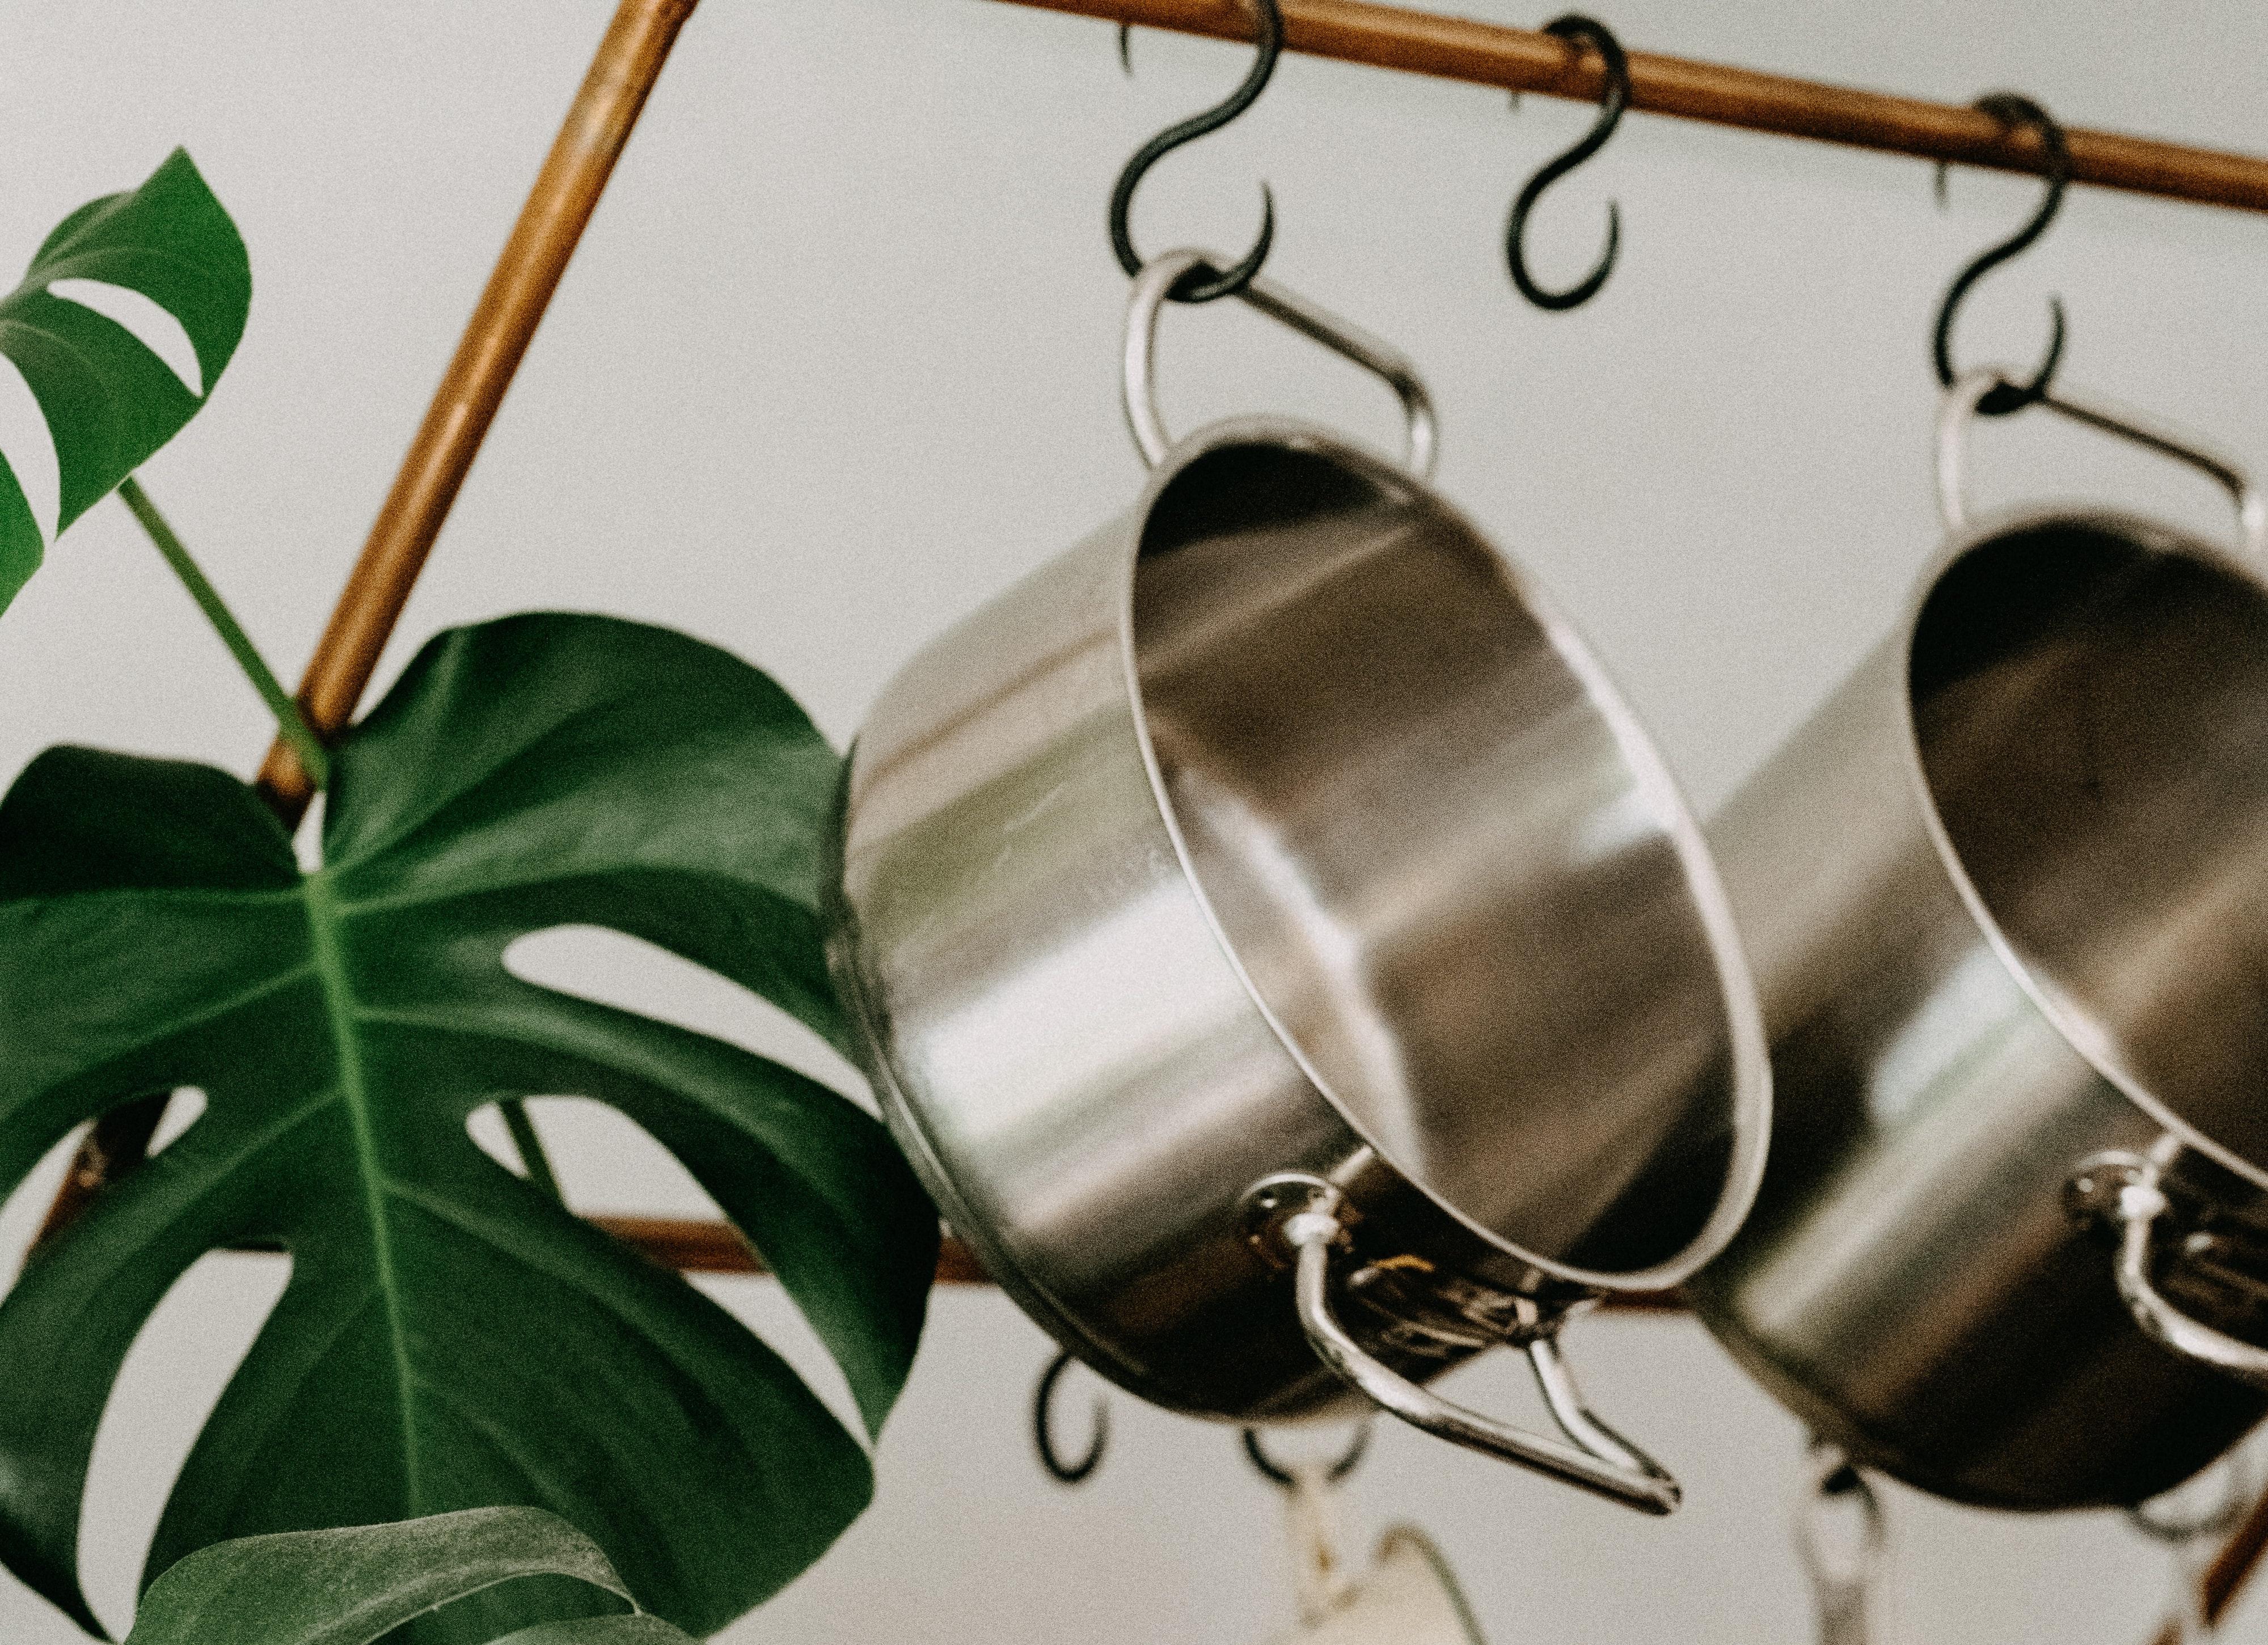 元同棲相手に私の高級なブランド鍋を持っていかれた!取り返すべき?